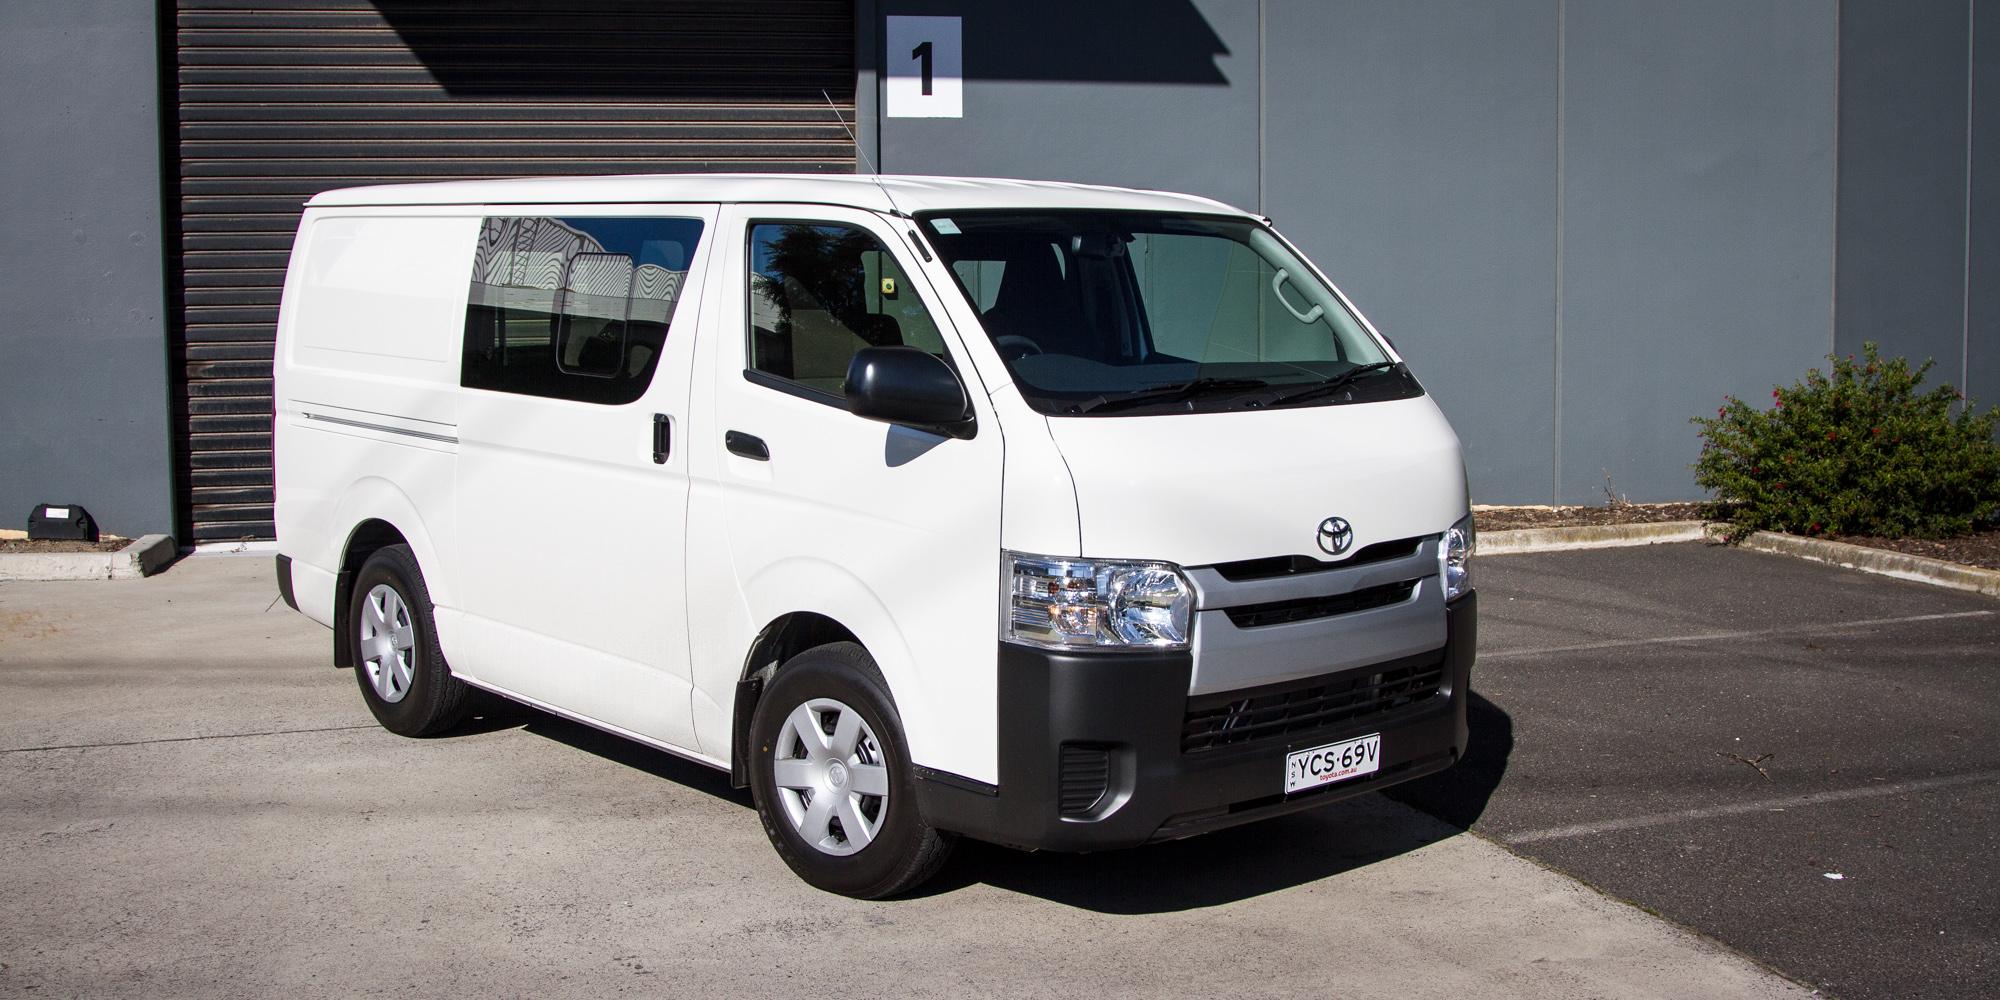 2015 Toyota HiAce Crew Van Review | CarAdvice